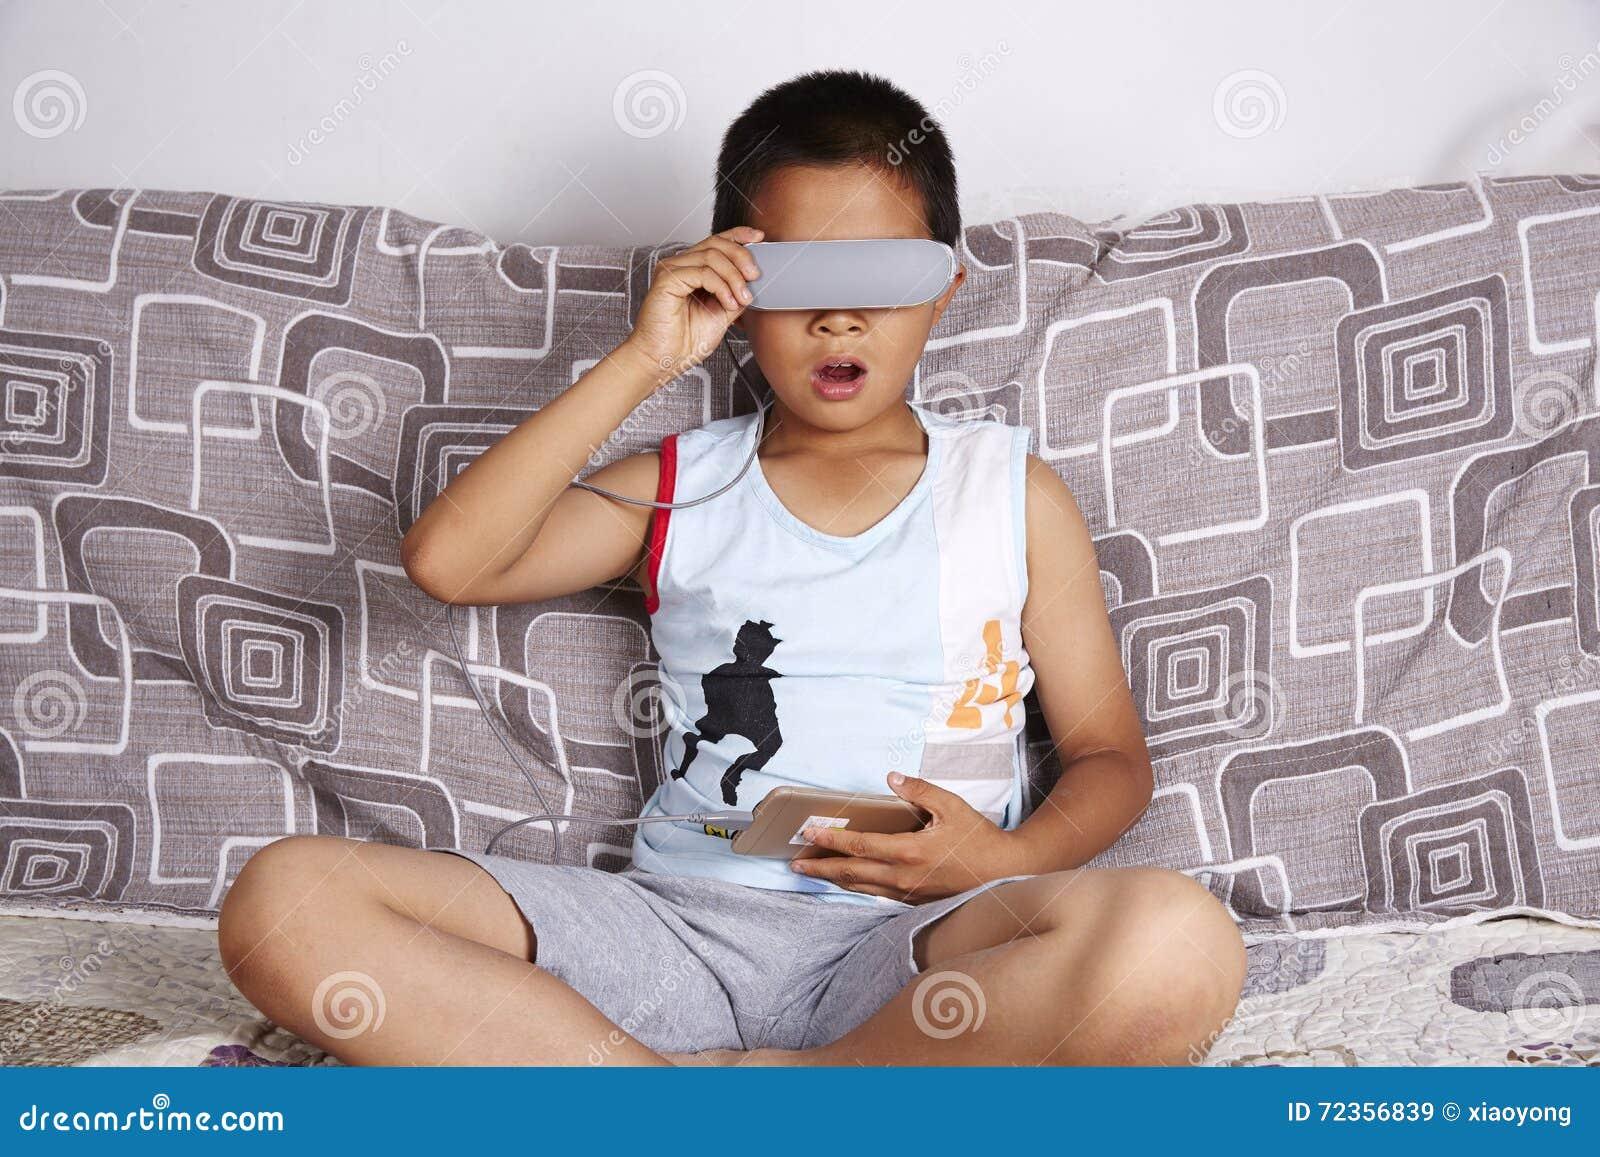 戴虚拟现实眼镜的男孩